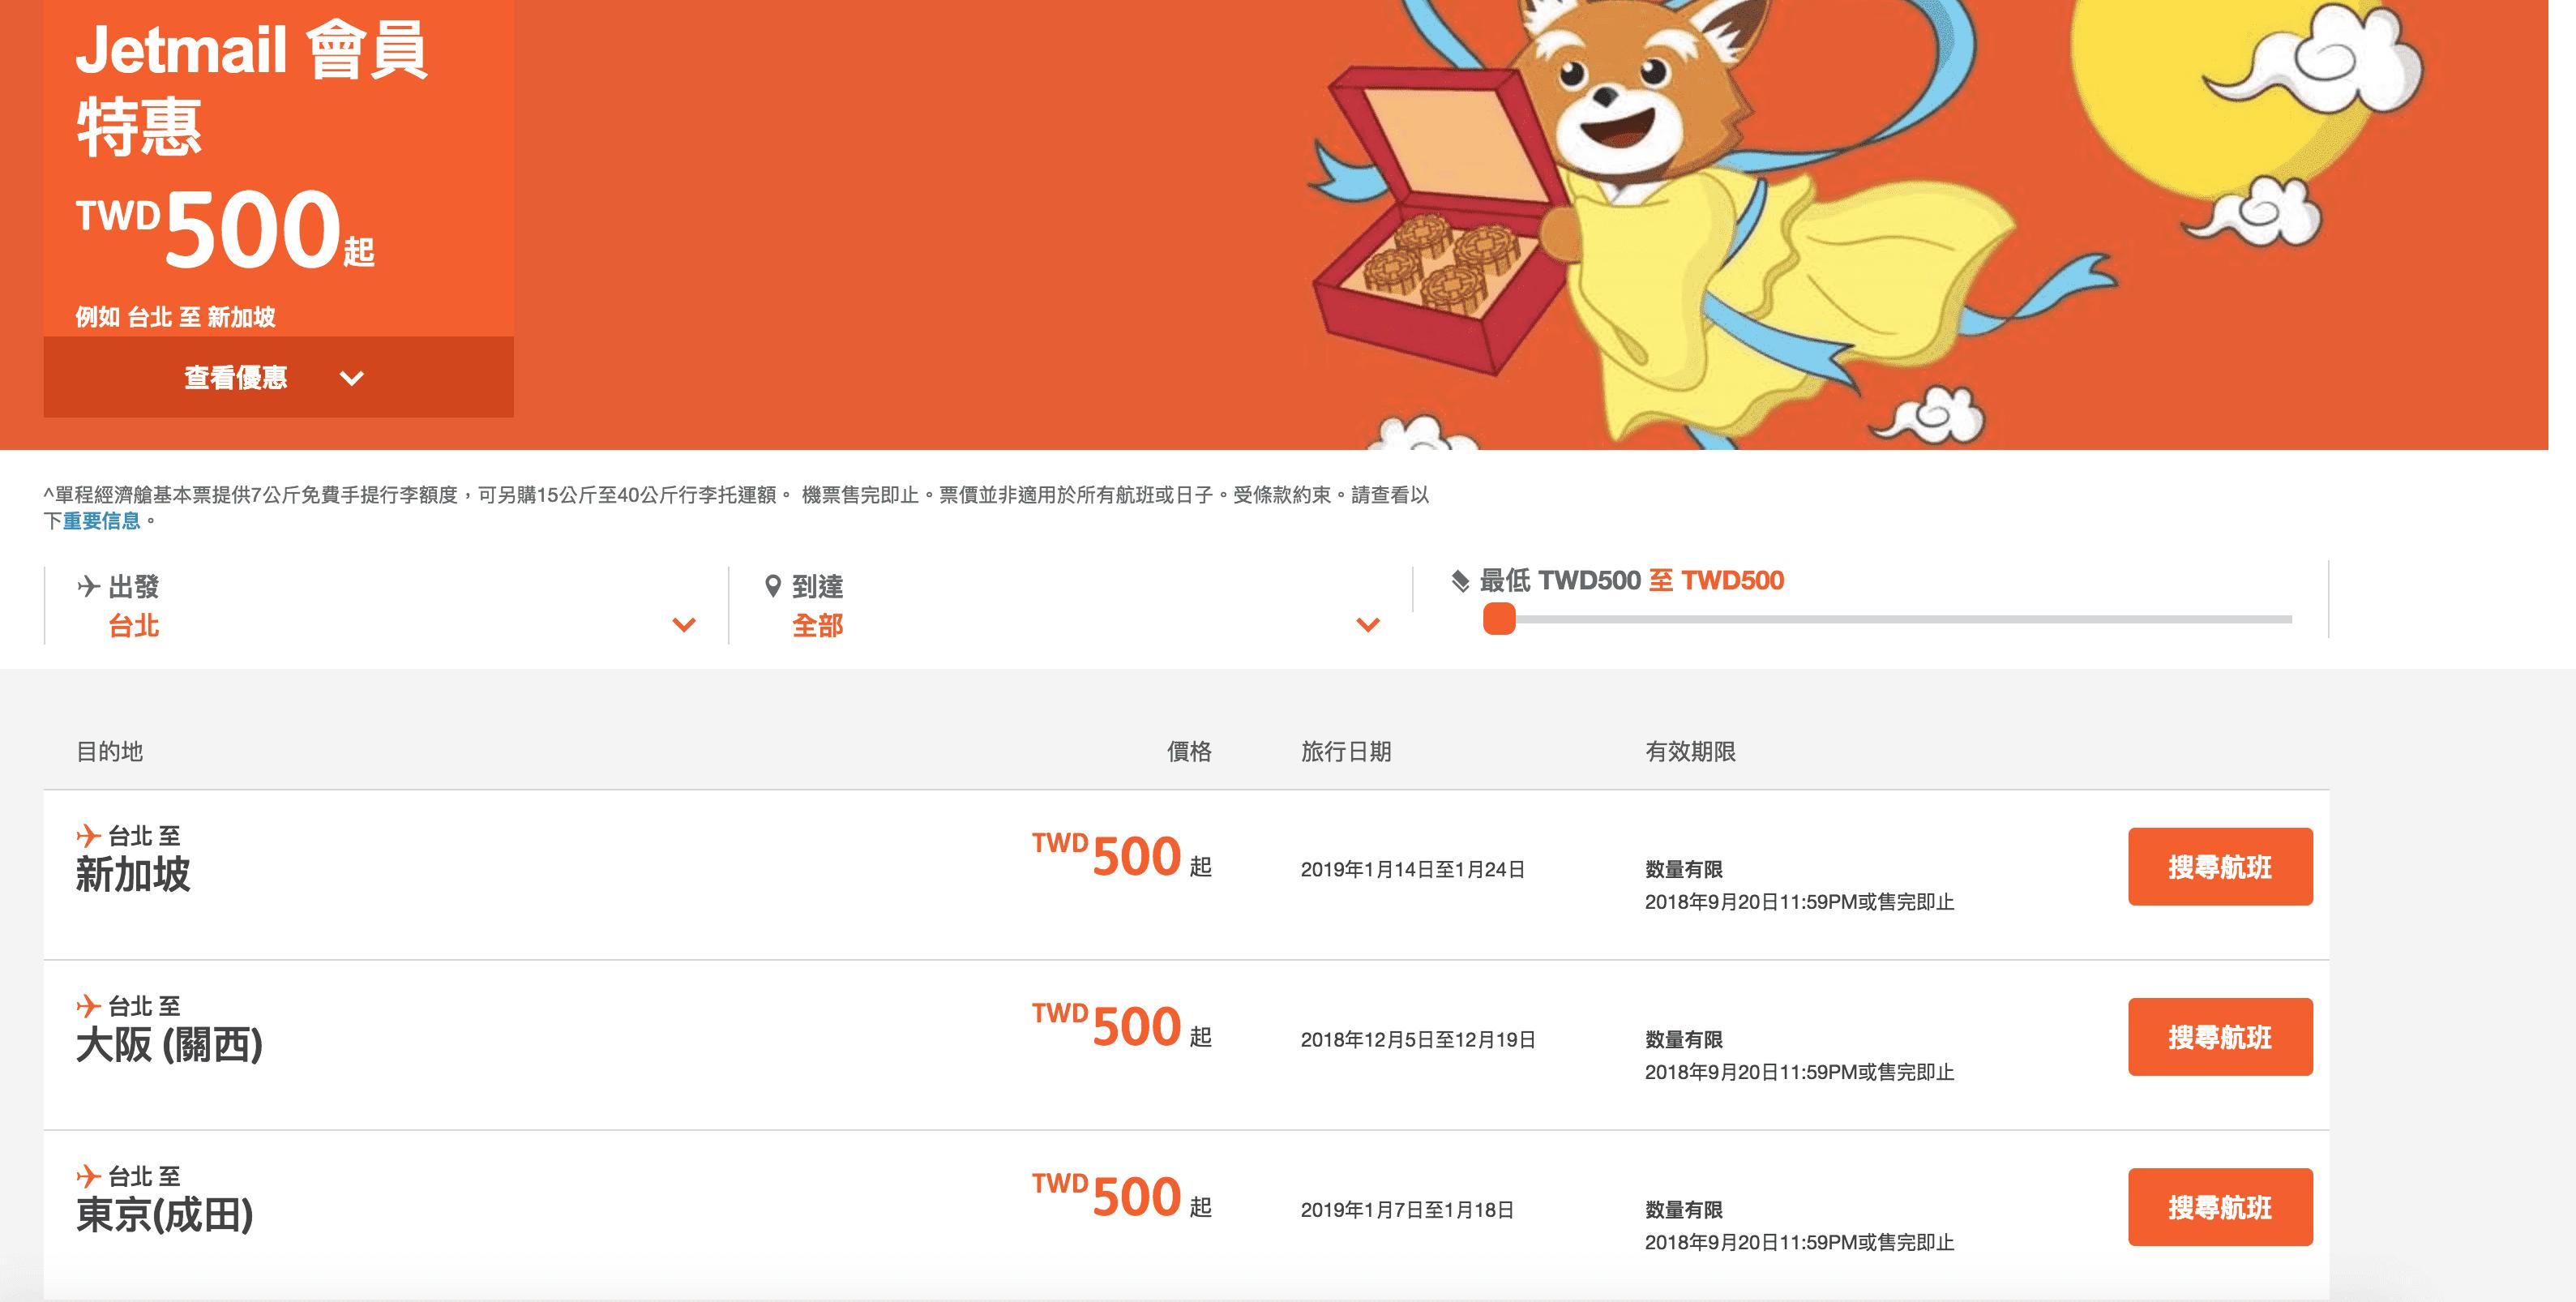 即時熱門文章:捷星台灣發限定期間月餅價格,低價500元起~新加坡超值特價中(查價:107.9.20)